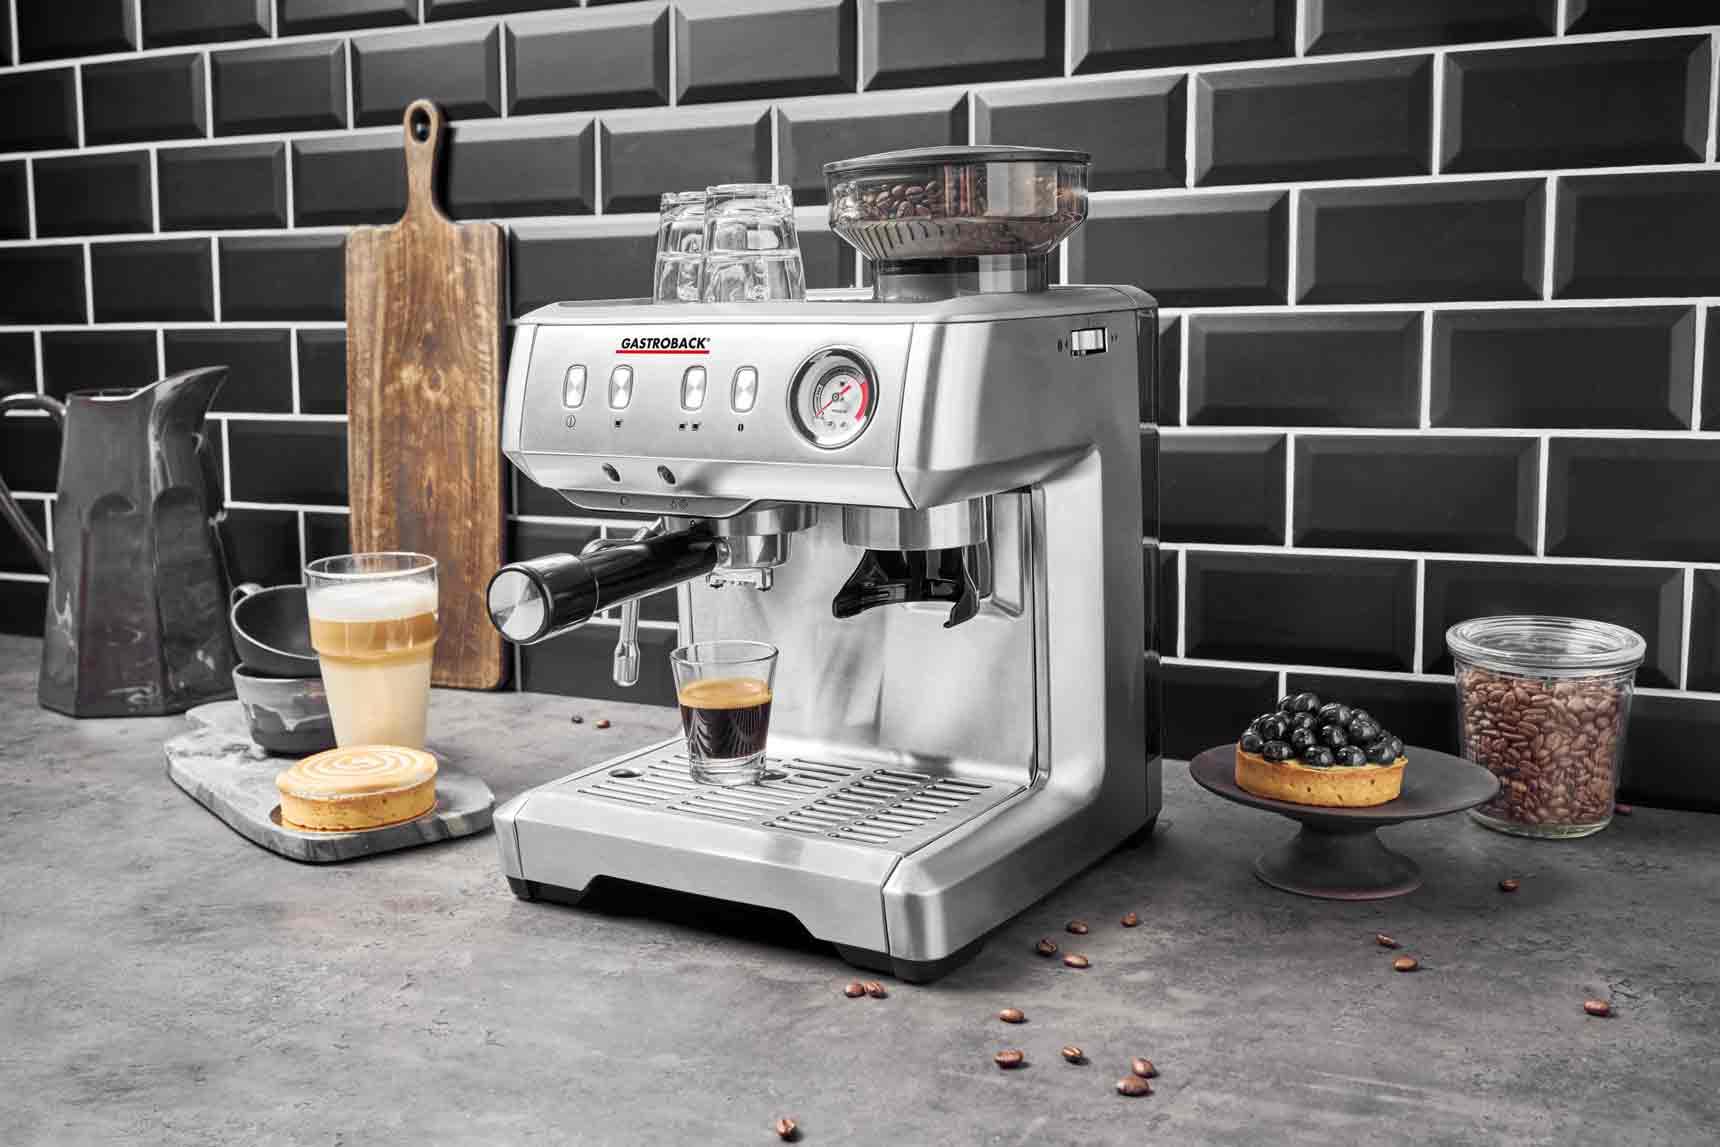 62619_Design_Espresso_Advanced_Barista_Mood